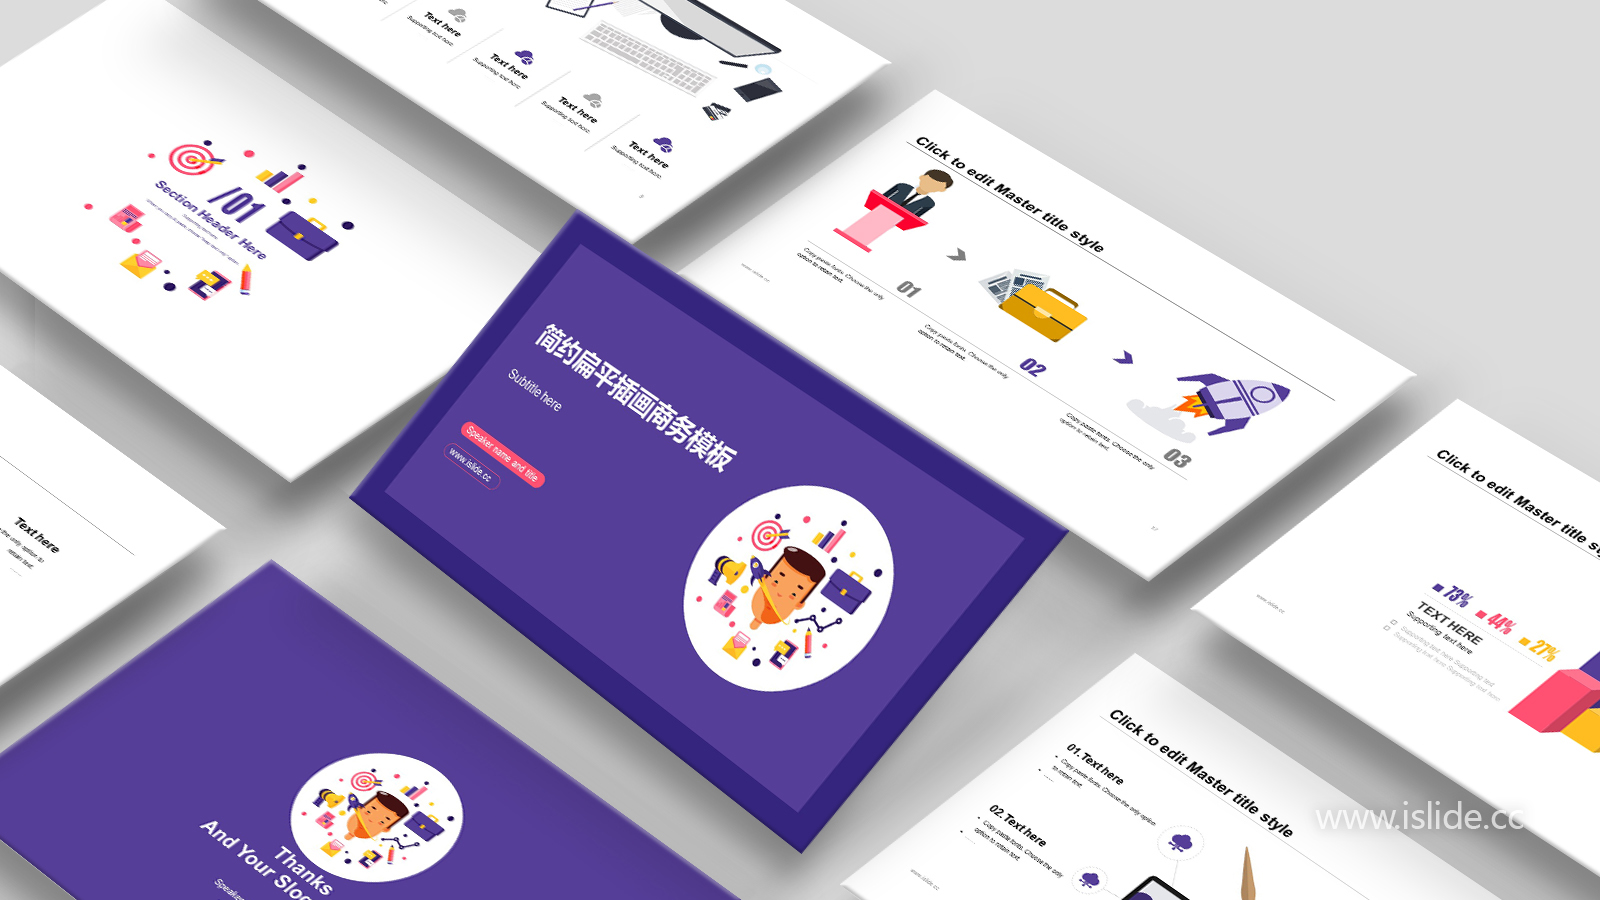 紫色扁平插畫風格個人簡歷模板_預覽圖1